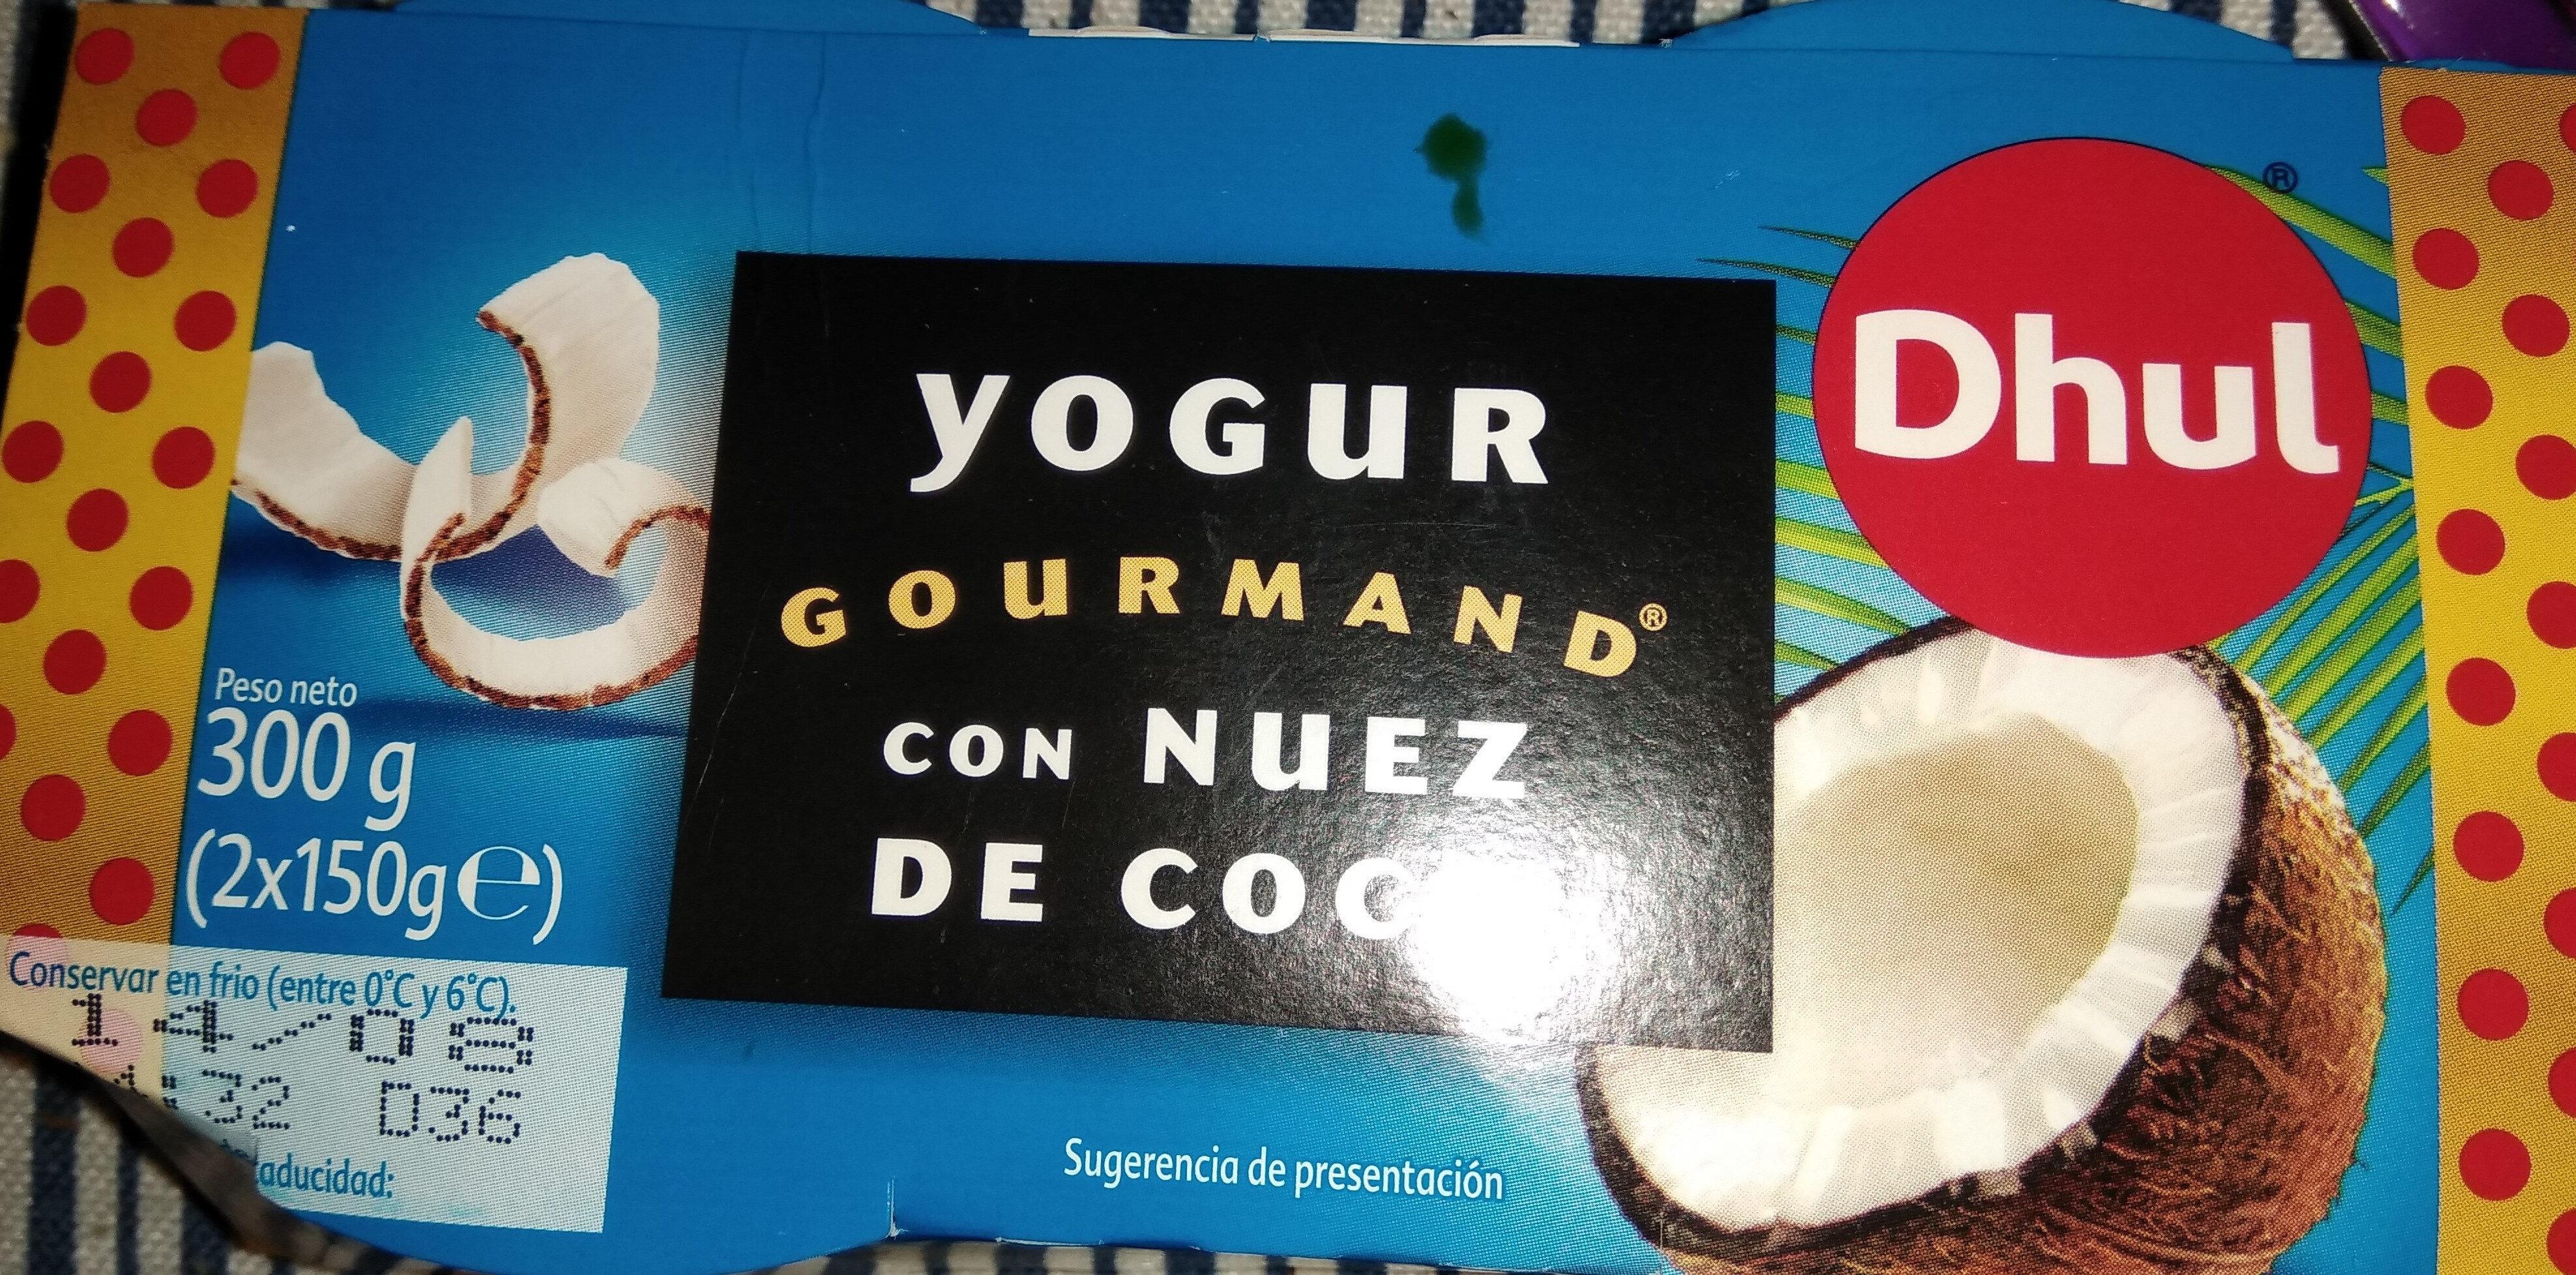 Yogur Gourmand - Producto - es